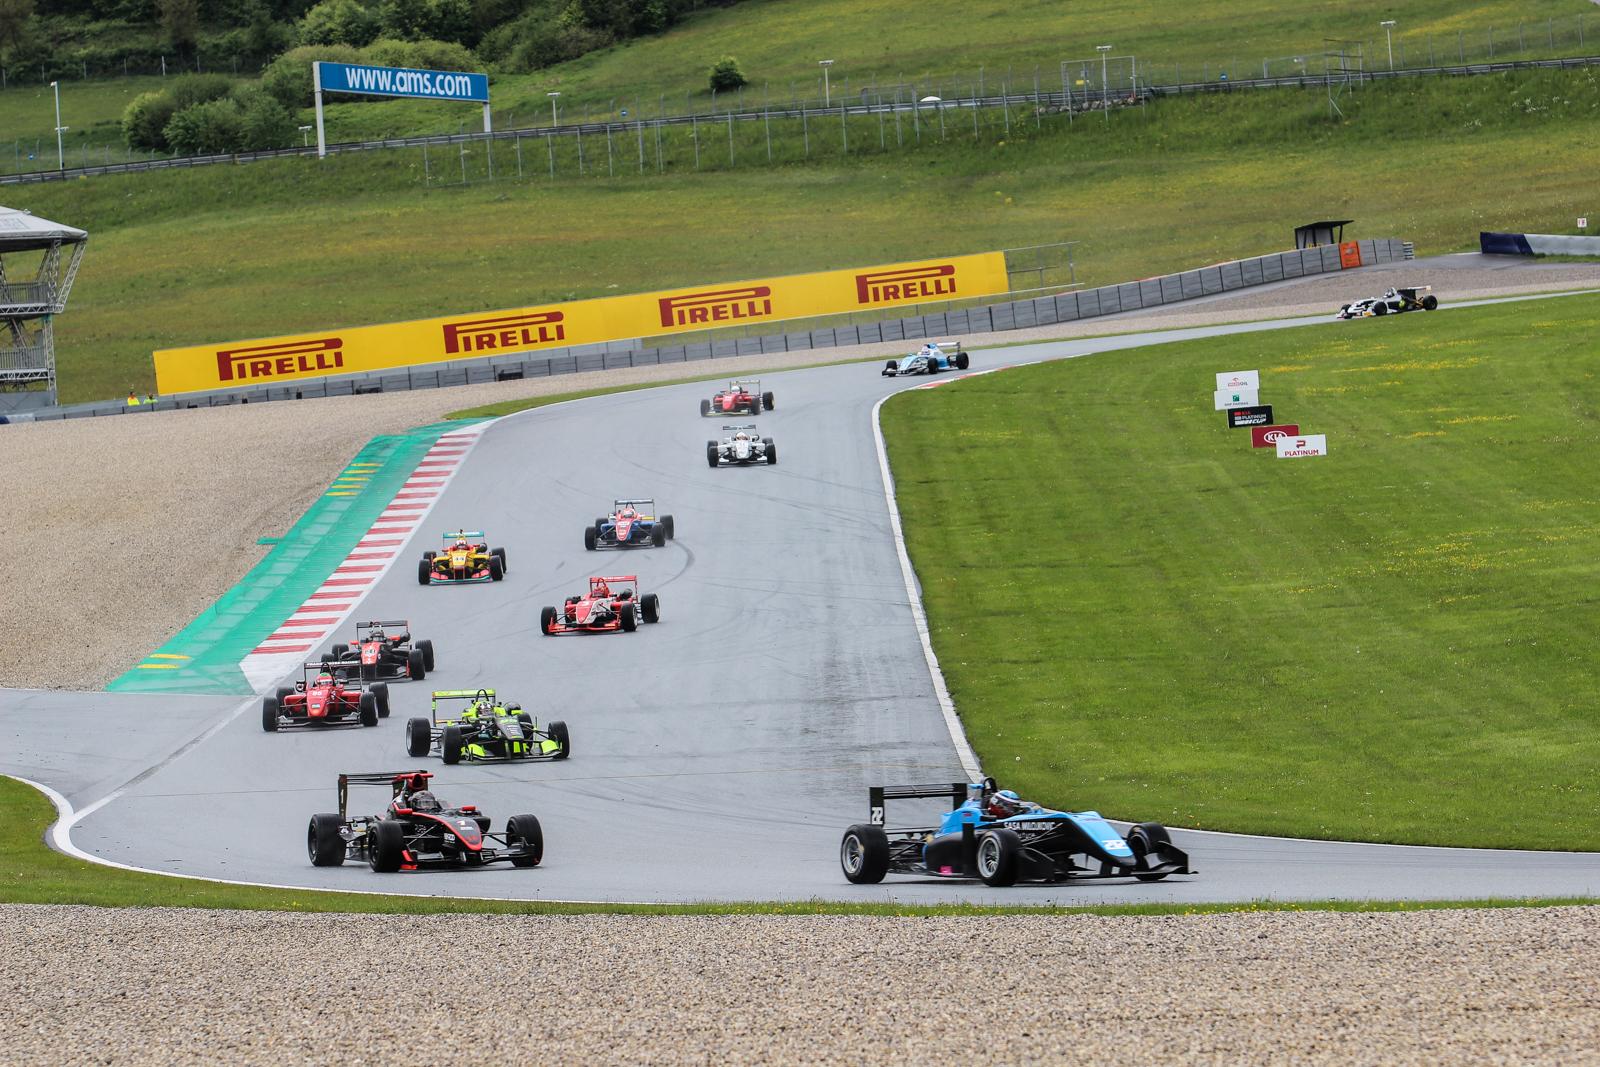 Paolo Brajnik ubránil pozici a vyhrál závod formulí